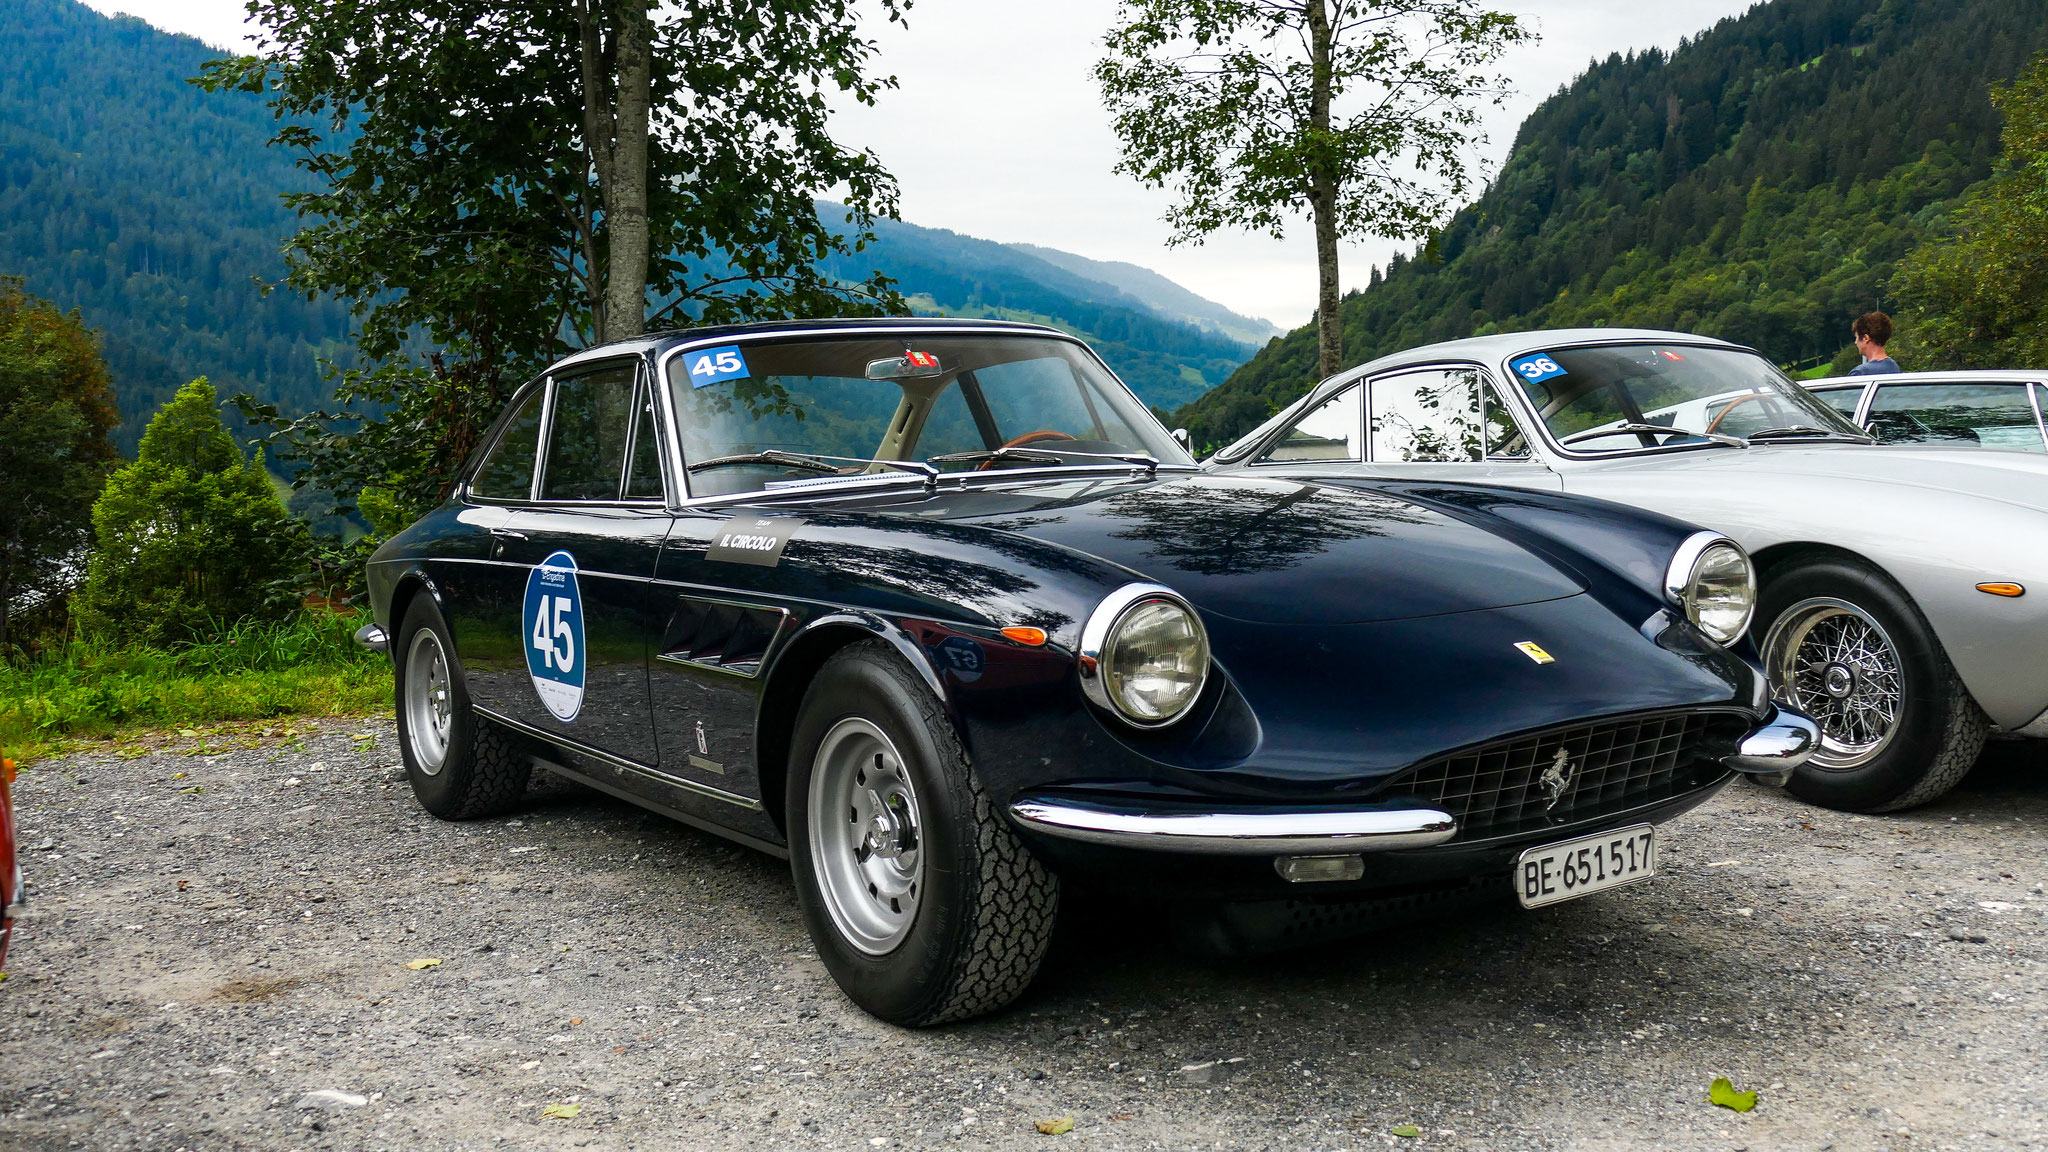 Ferrari 330 GTC - BE-651517